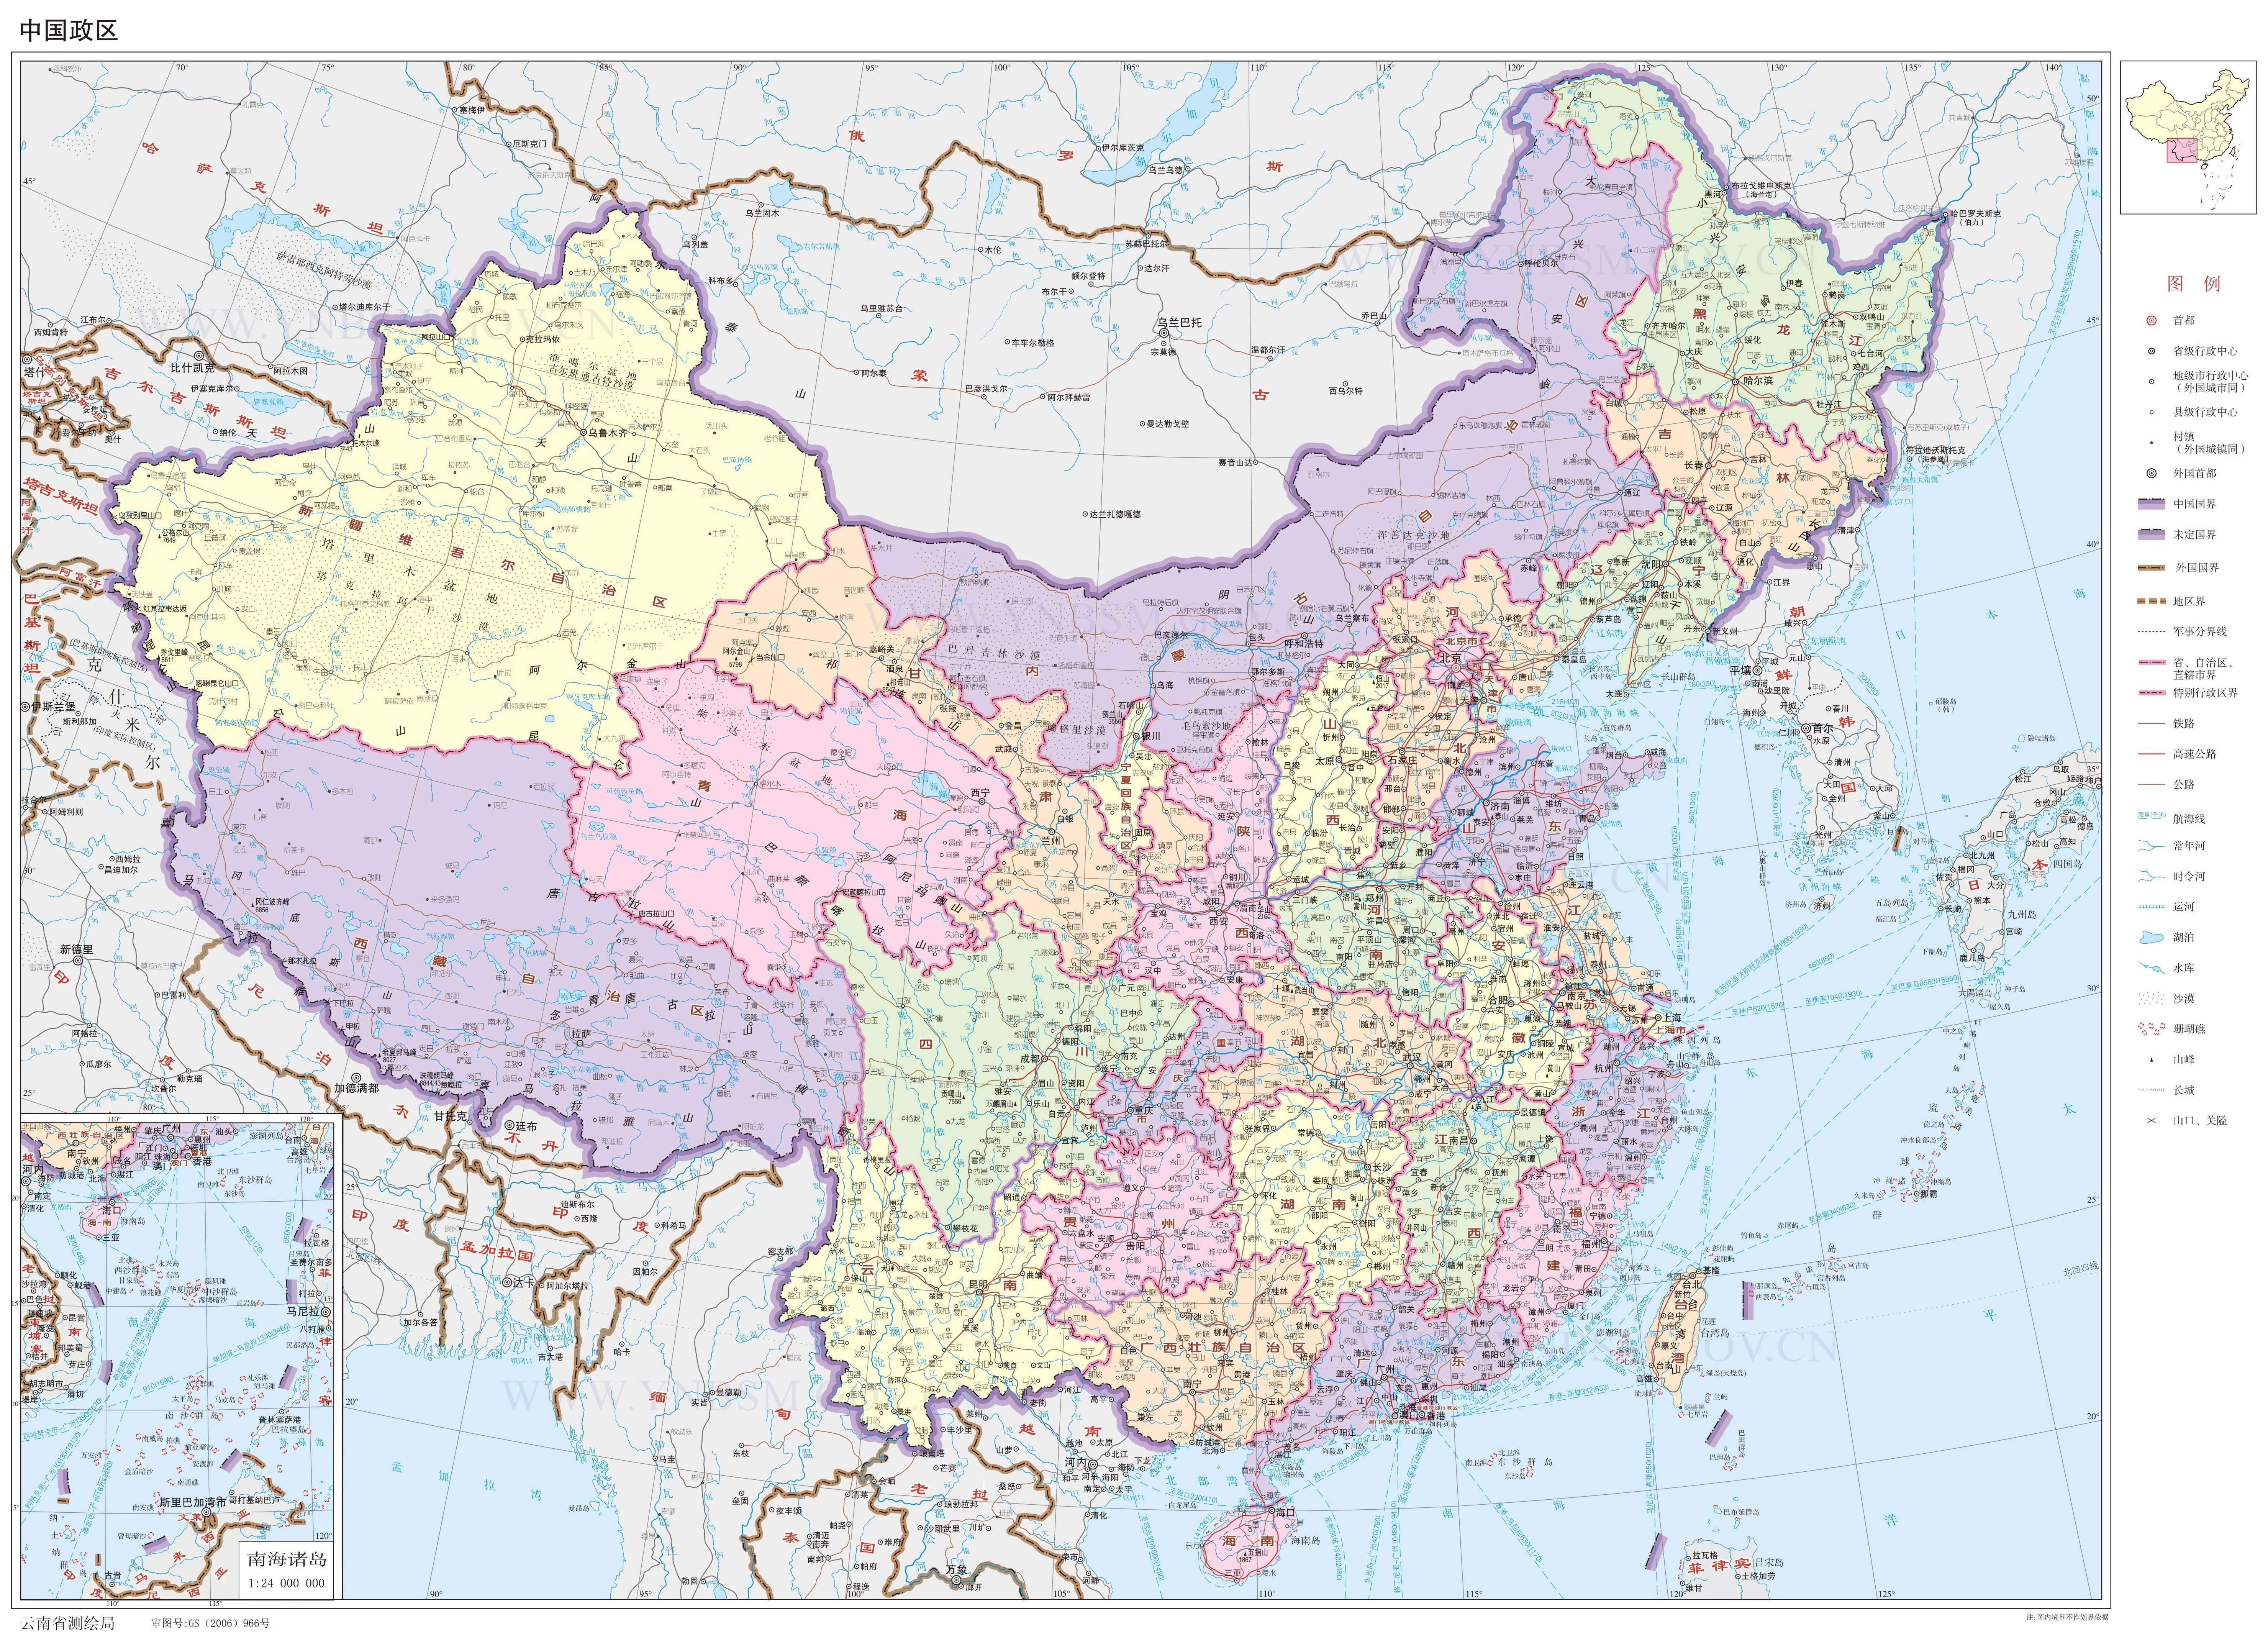 中国地图高清版大图(2500万像素)